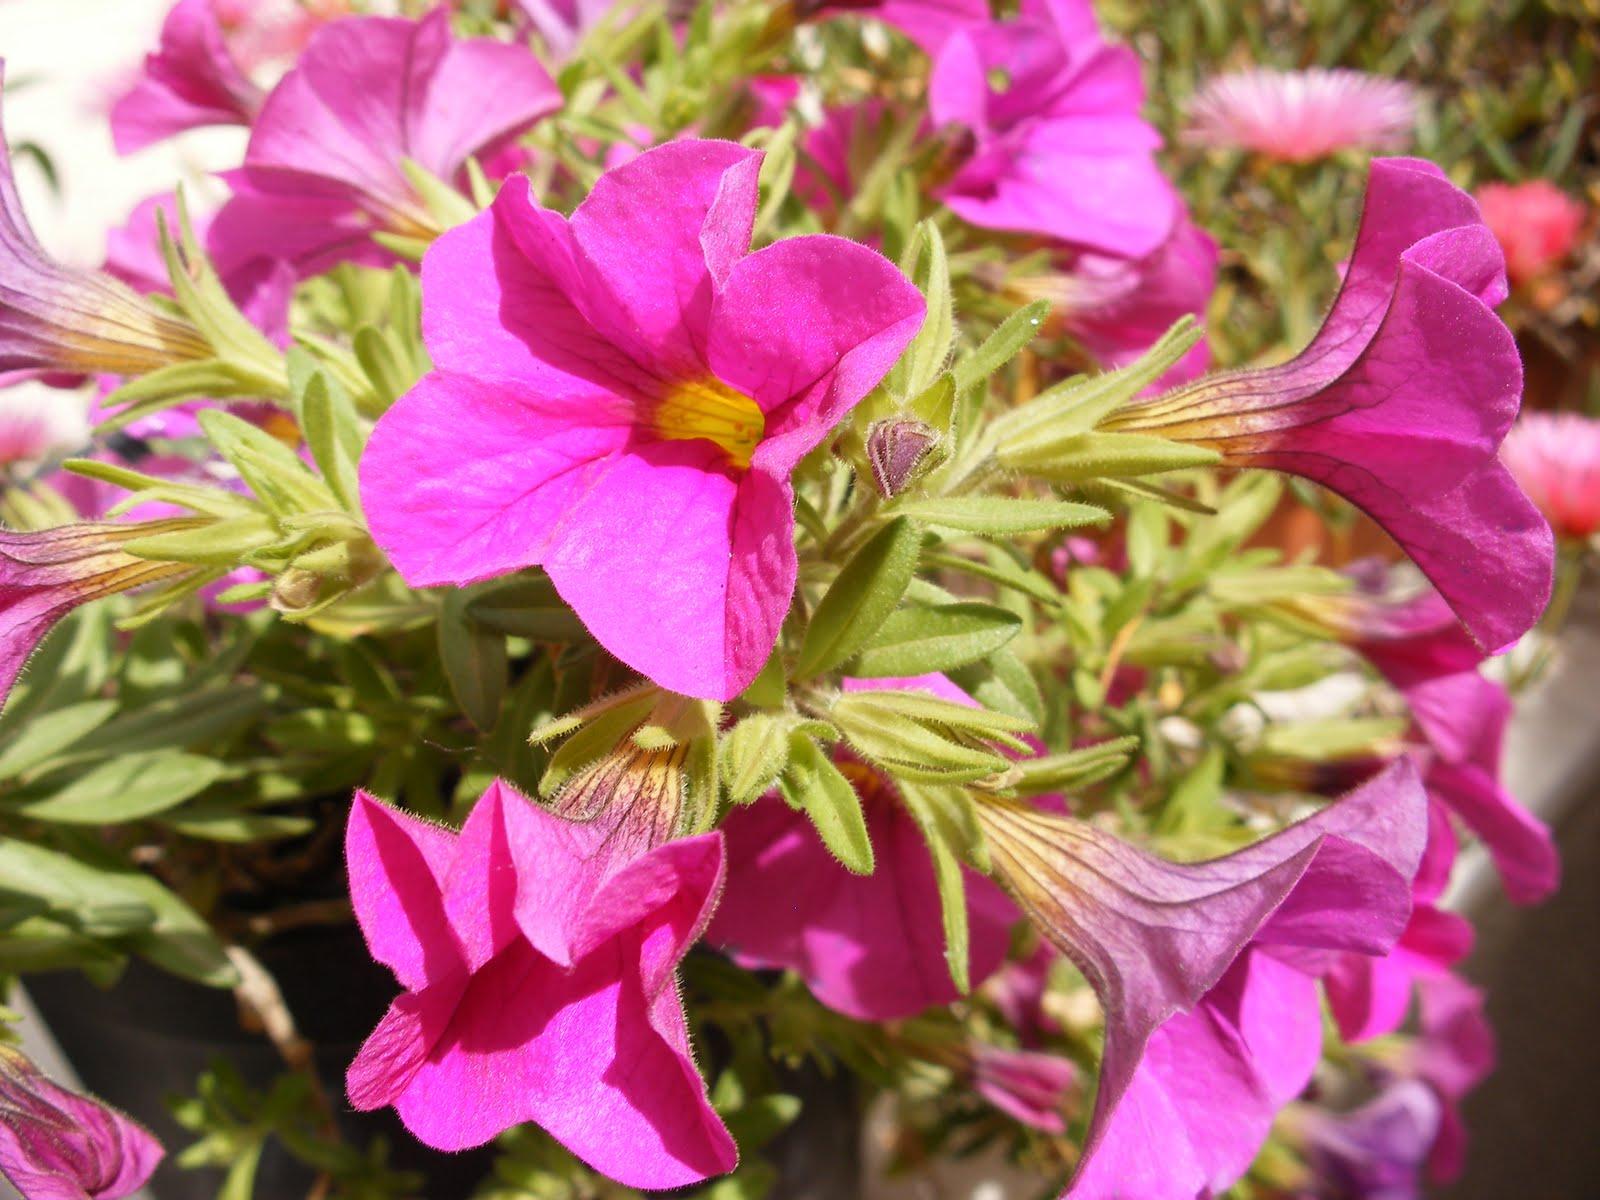 El huerto de ram n flores de plantas ornamentales iii for Plantas ornamentales con flores